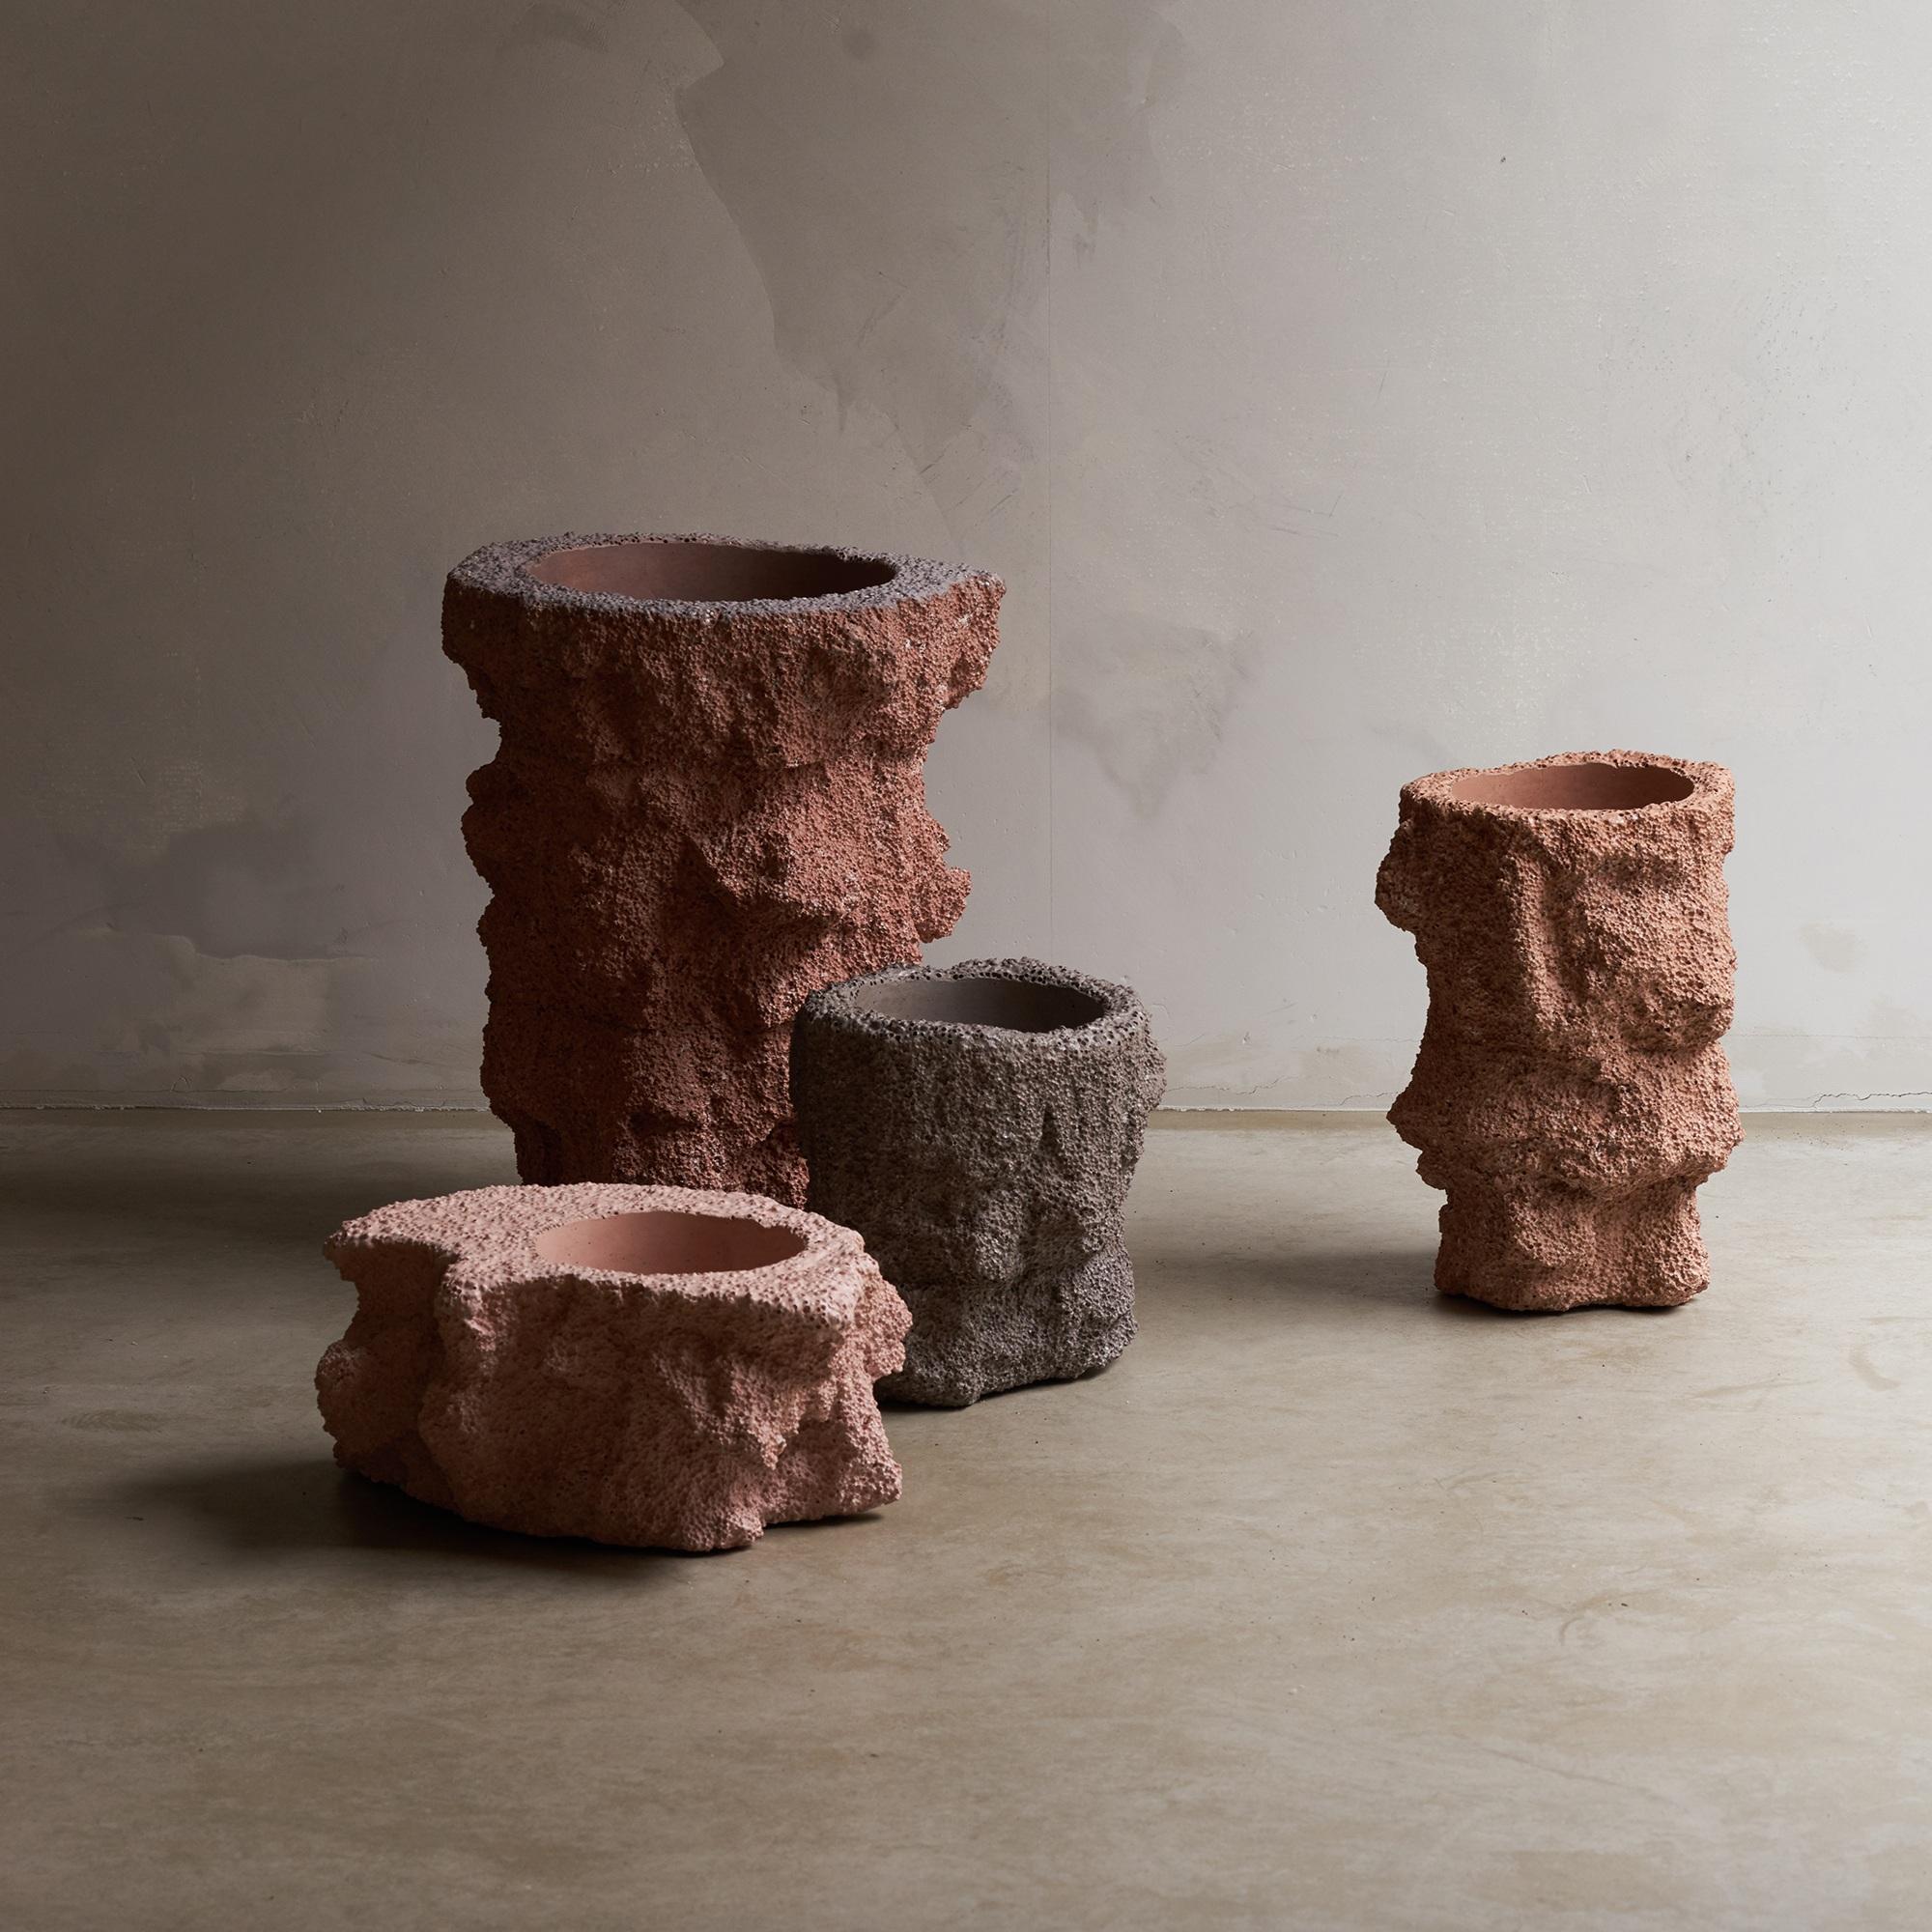 A+part+-+Pettersen+%26+Hein+-+Earthplanter+%2F+Handmade+Nature